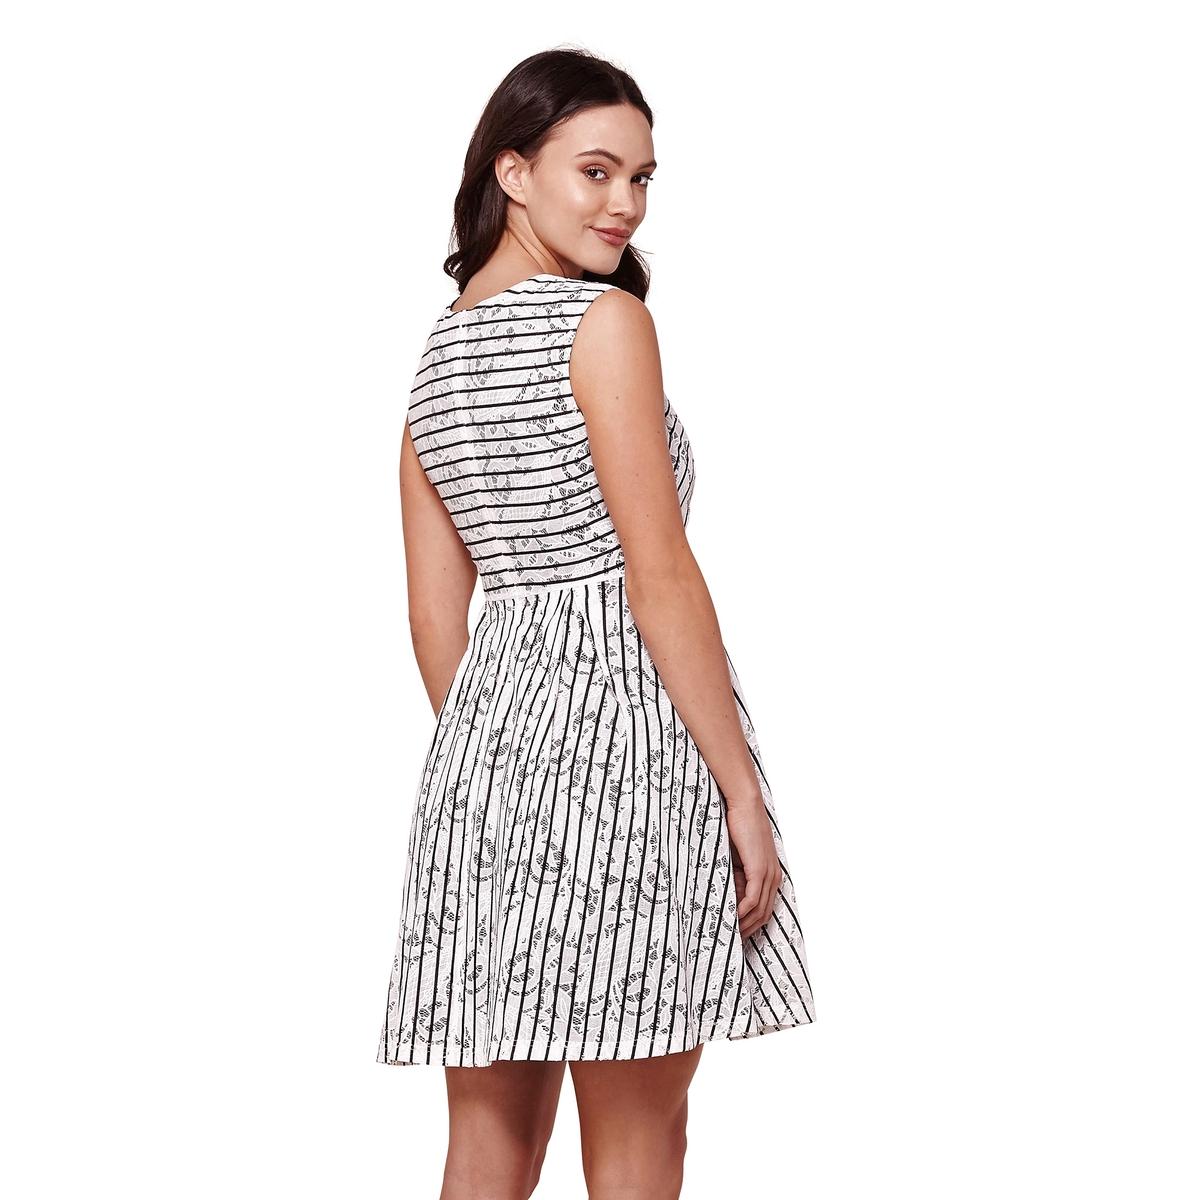 Платье расклешенное без рукавов  рисунком  полоску